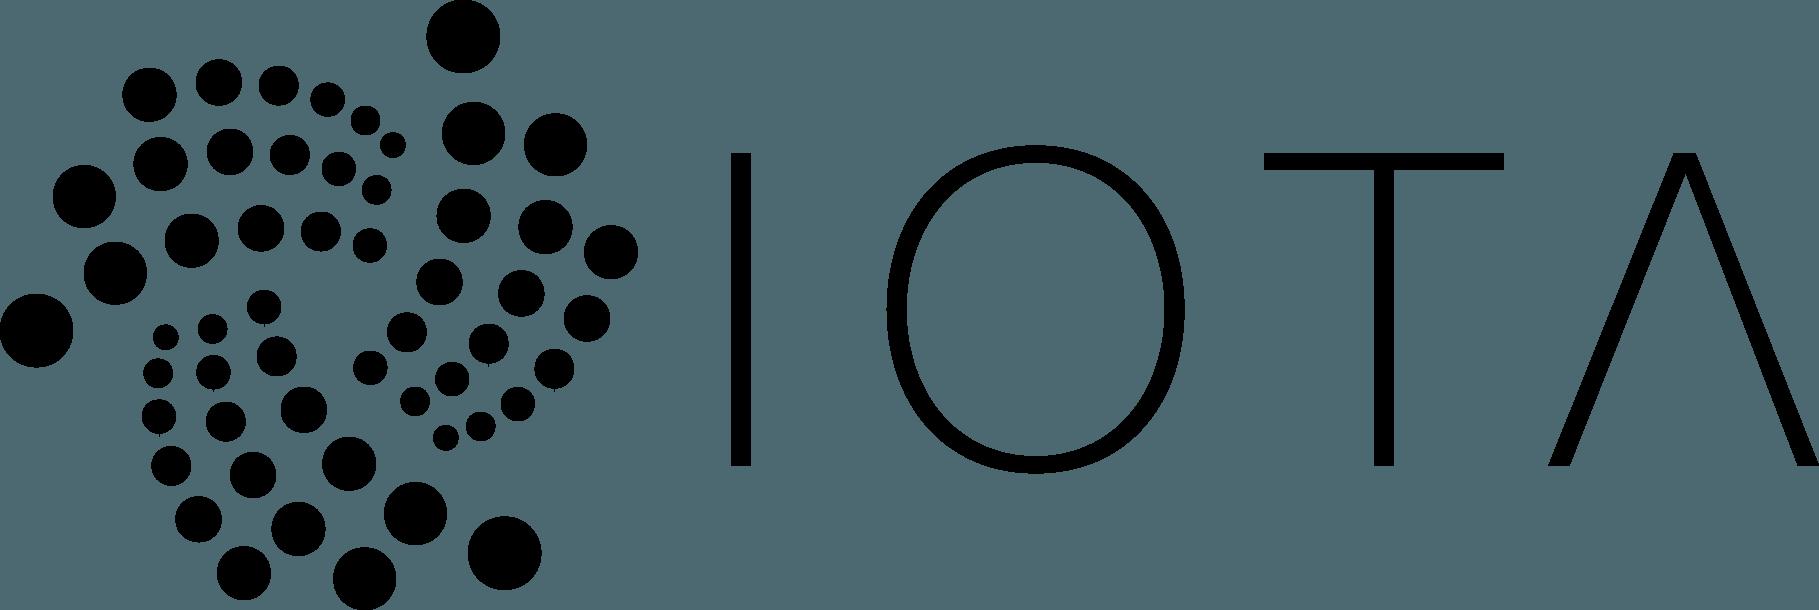 iota - ТОП-10 популярных криптовалют в 2018 году